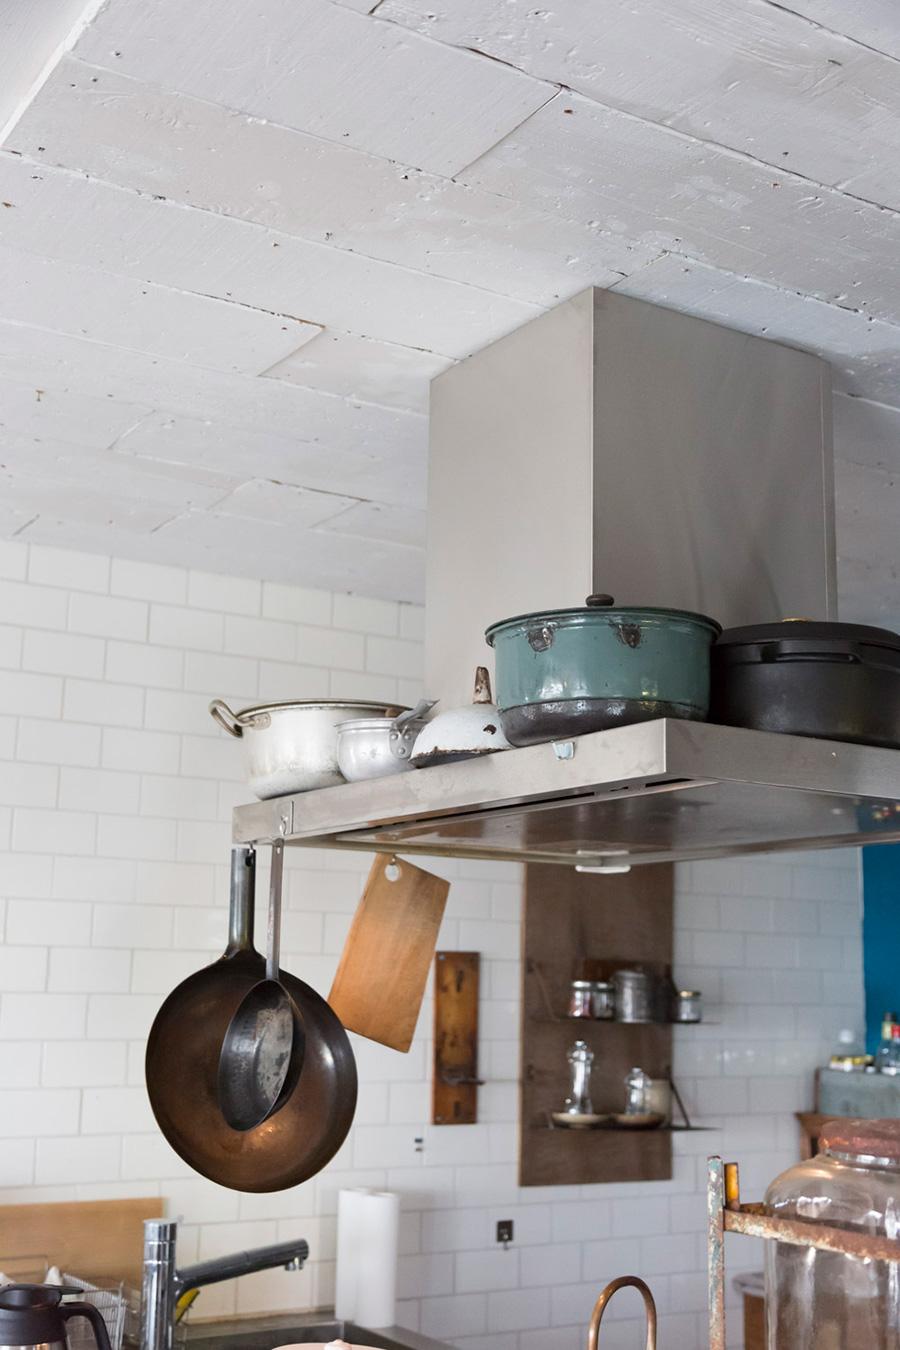 換気扇の周りにアンティークの鍋を置く。天井には白くペイントした板を貼っている。